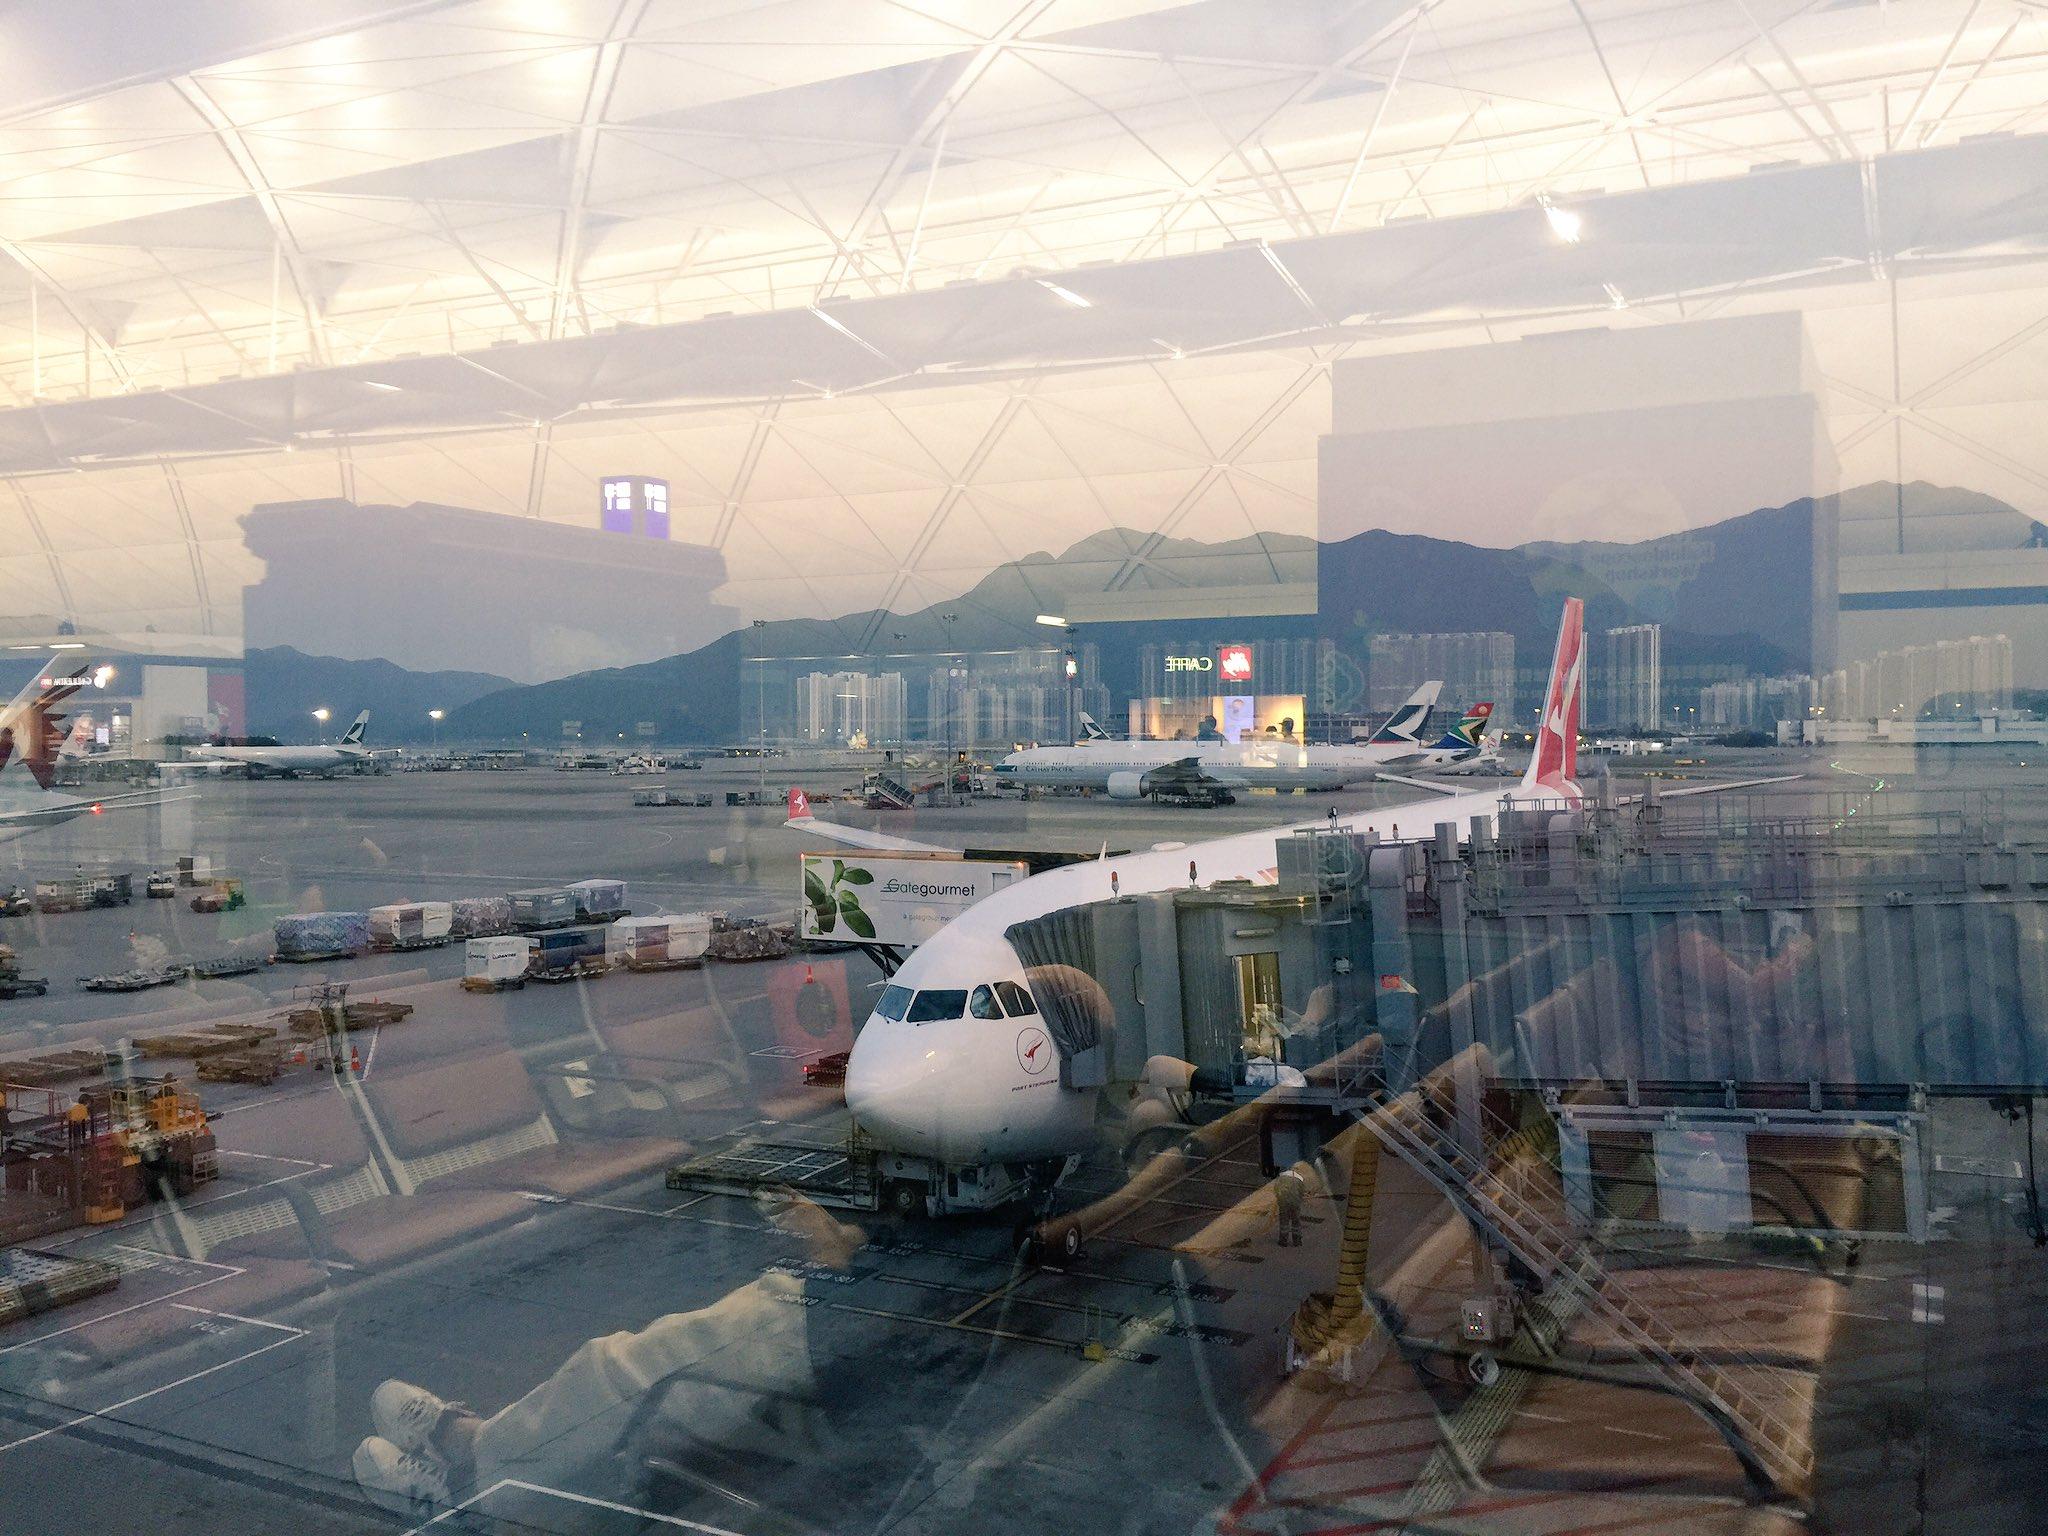 Bye Hong Kong! https://t.co/QJi1kWjC1L